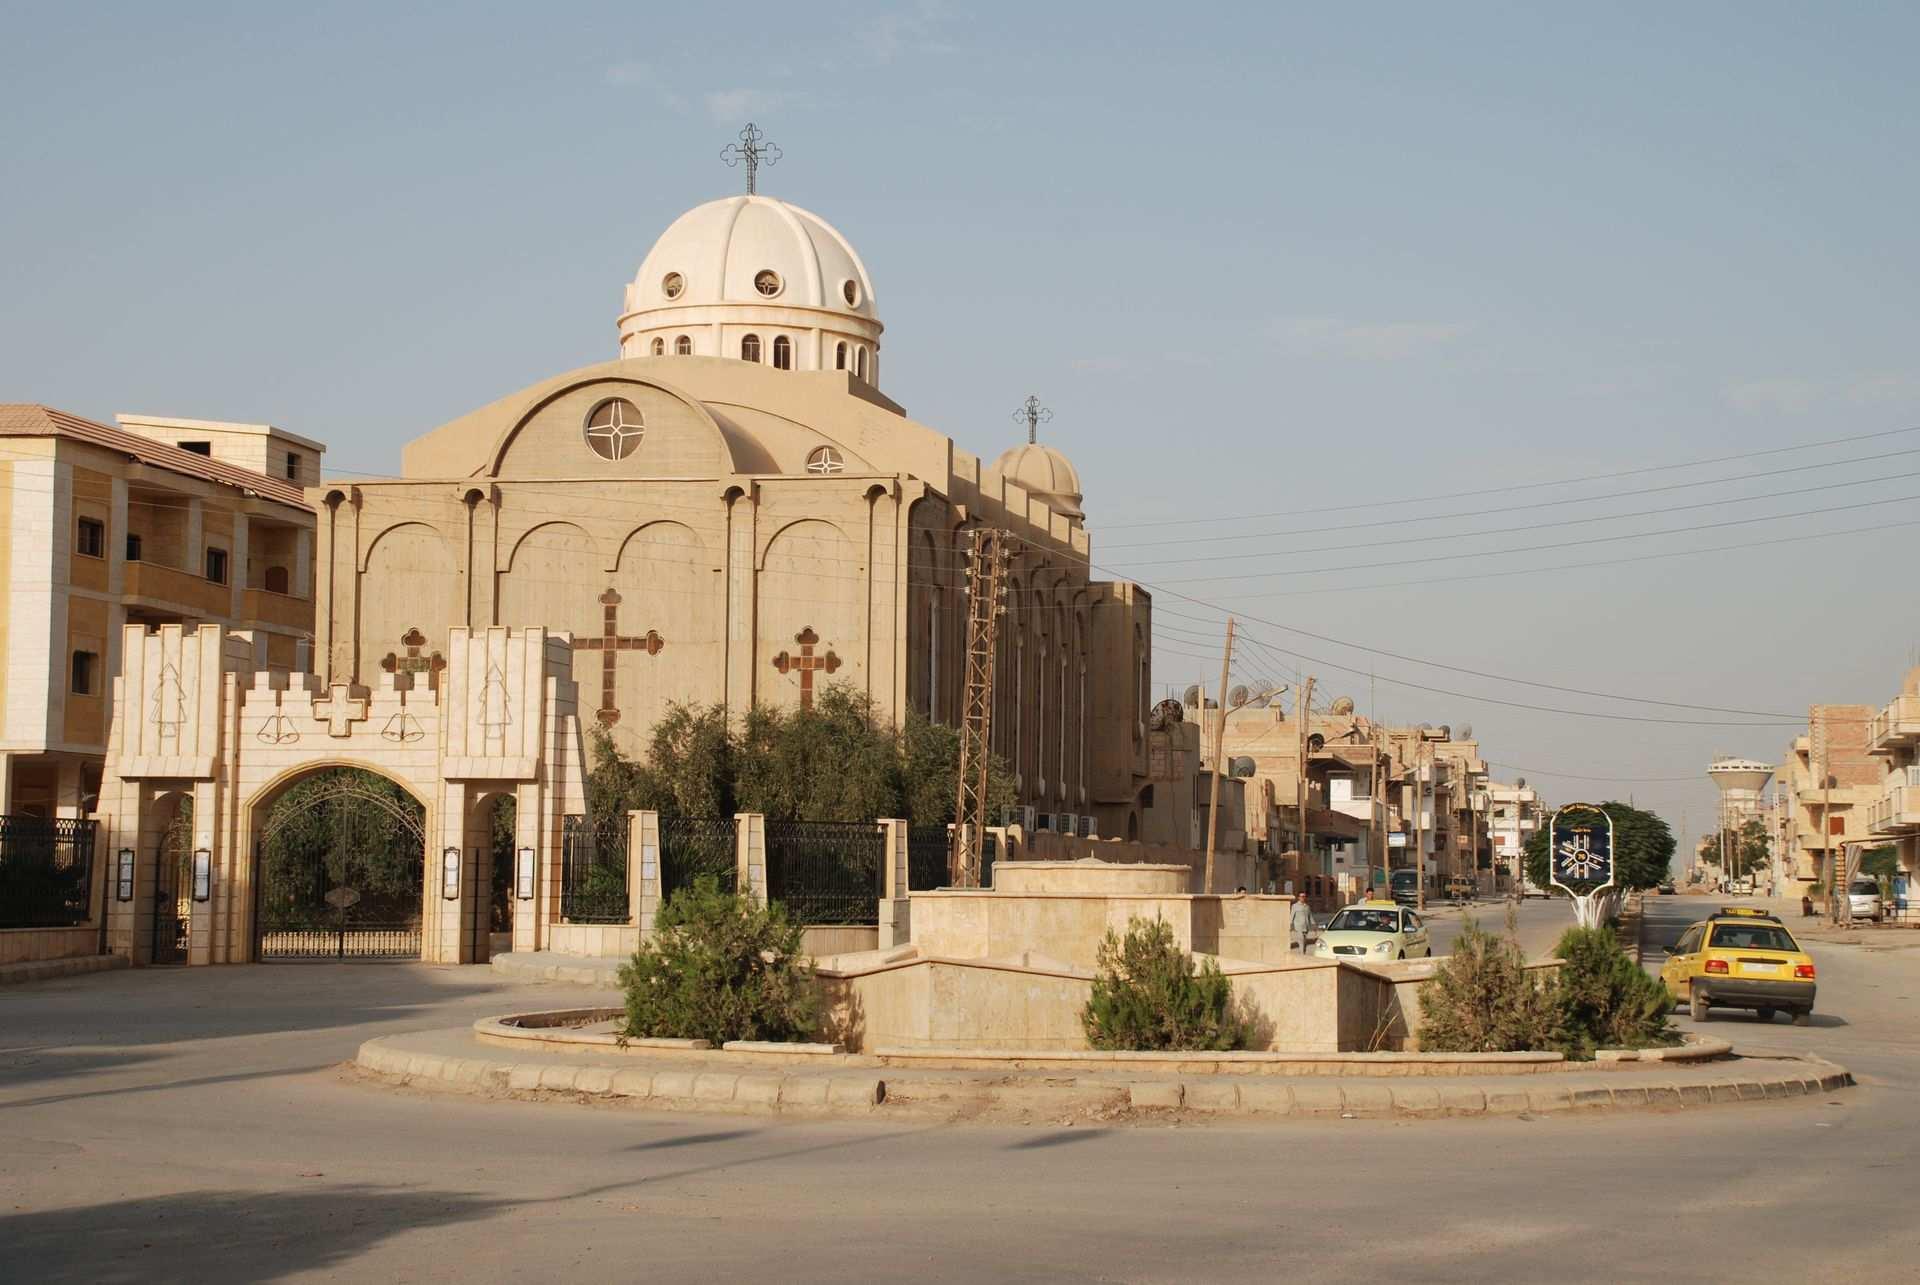 СРОЧНО: Смертница ИГИЛ взорвала себя у православной церкви в Сирии в Праздник Пасхи | Русская весна